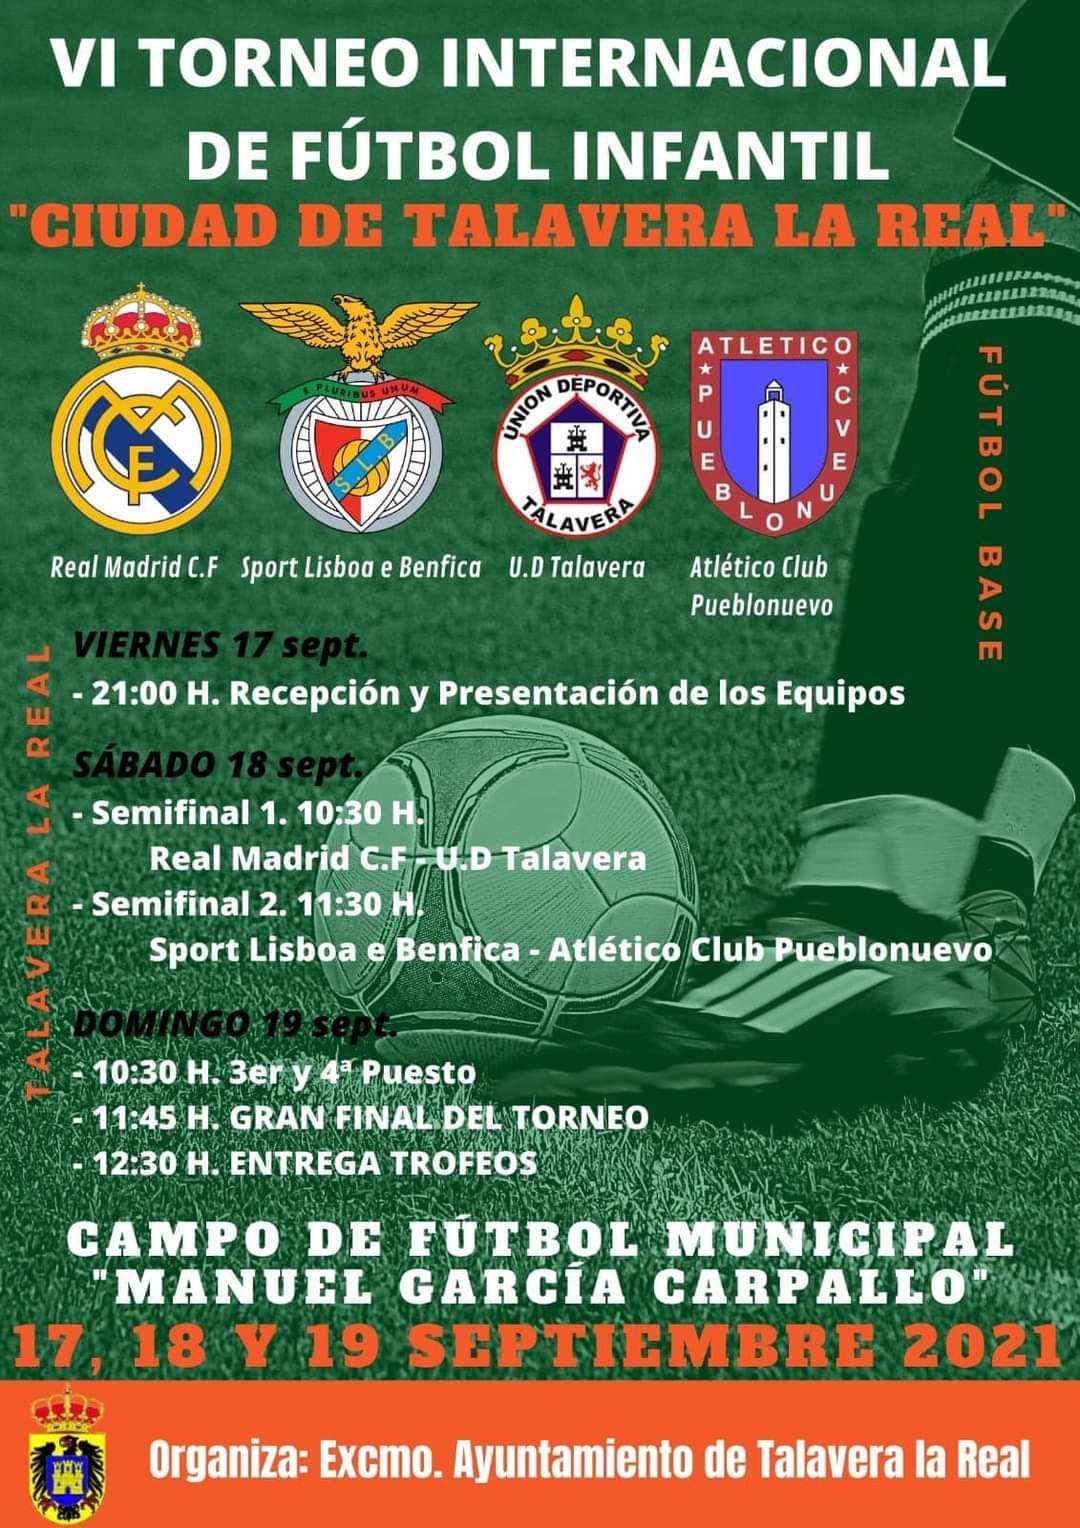 Imagen del Evento VI Torneo Internacional de Fútbol Infantil